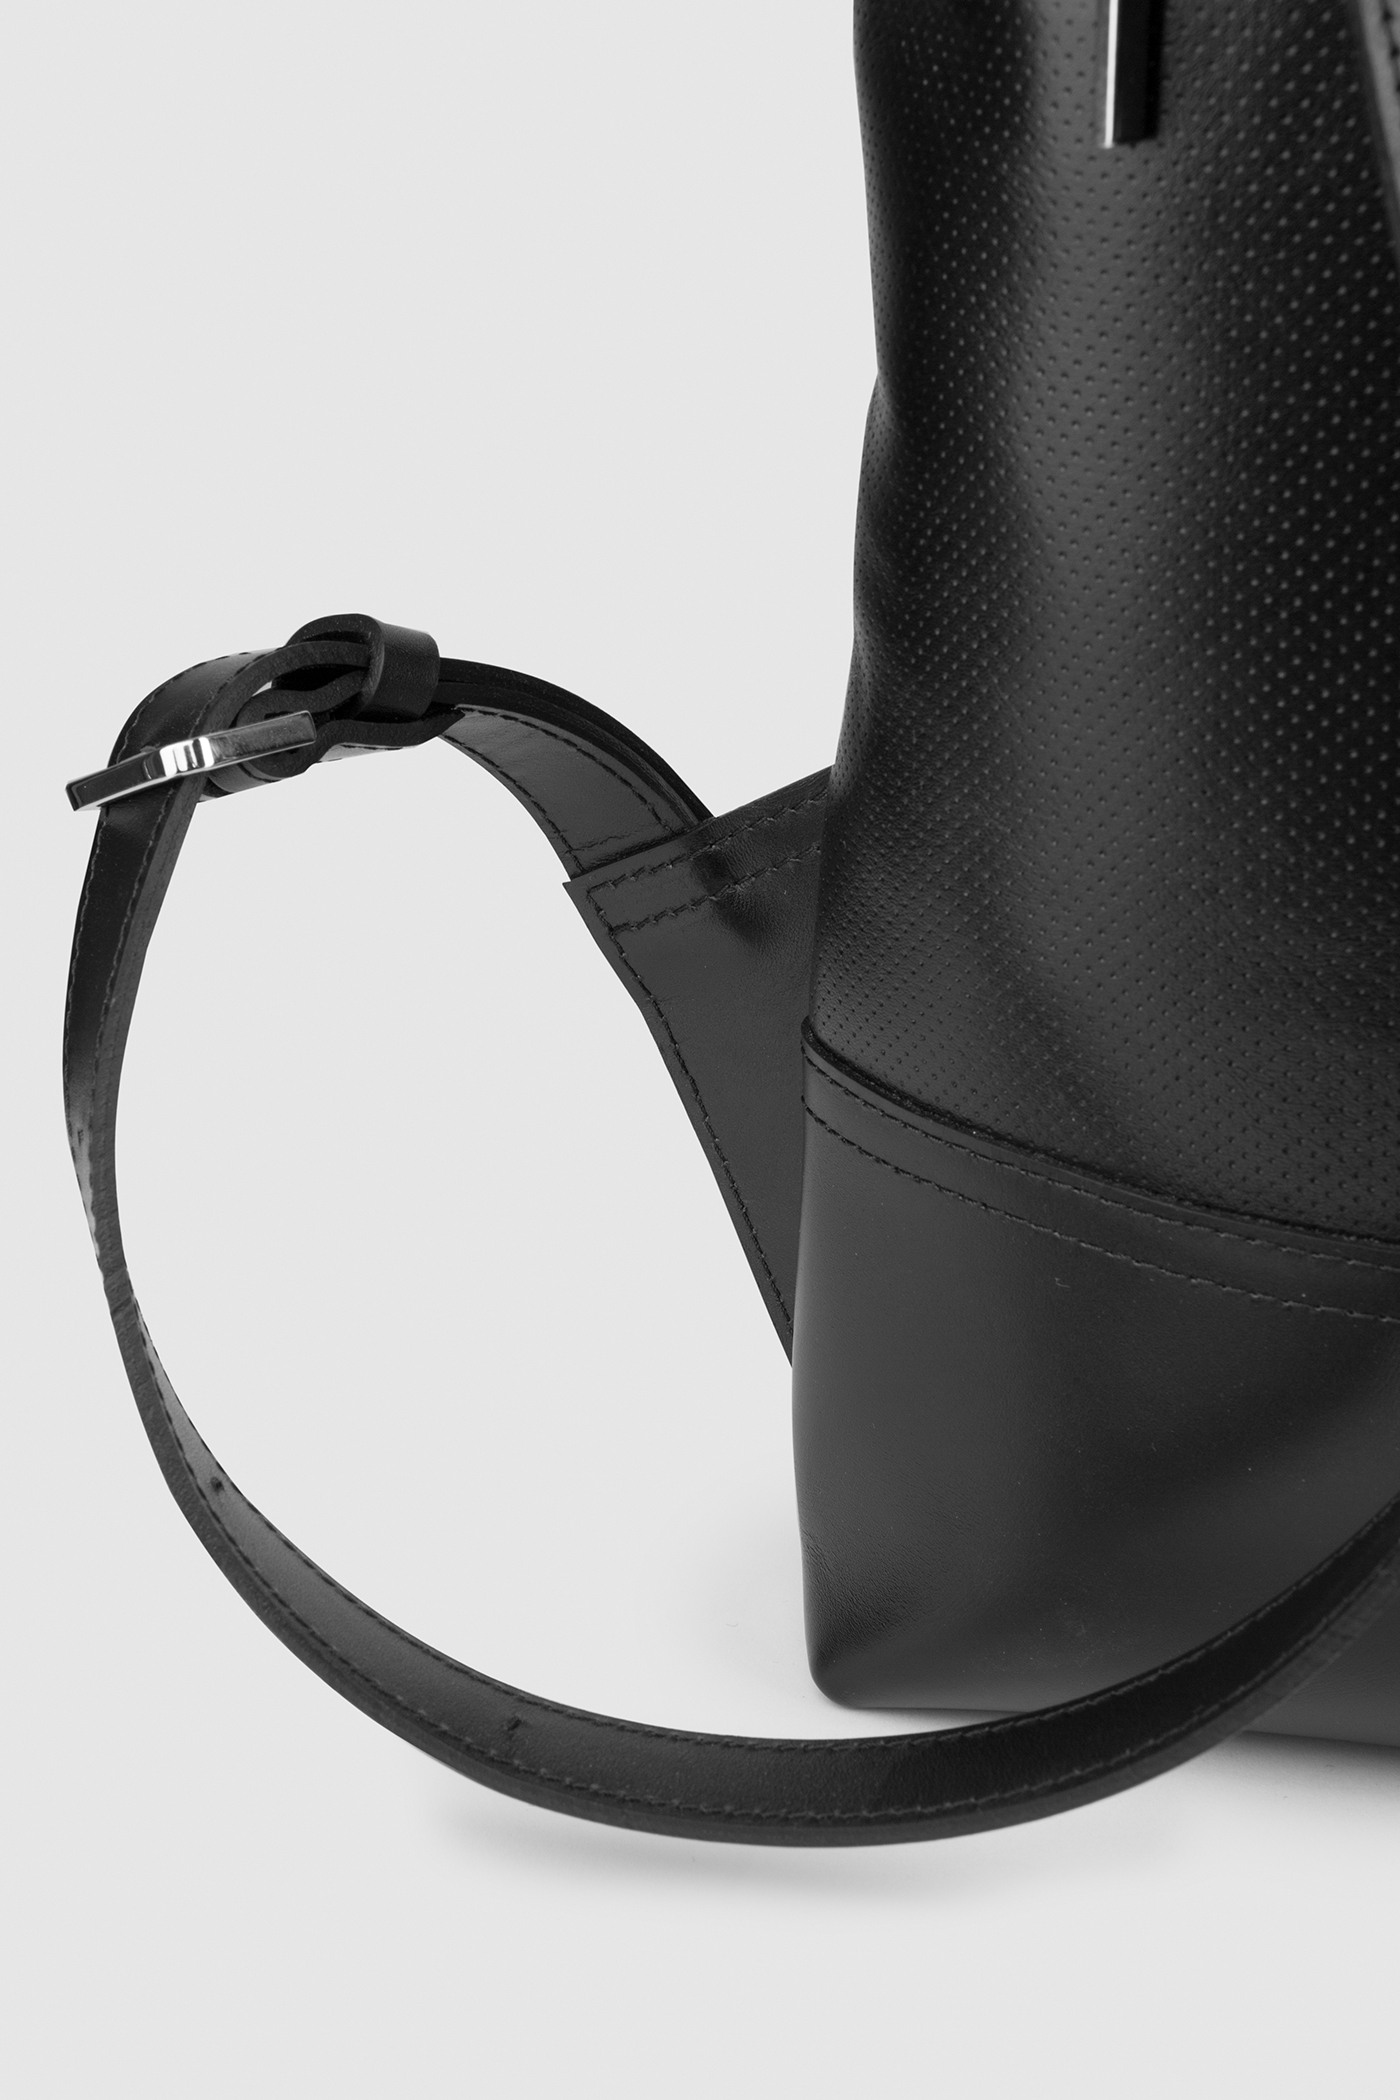 Городской рюкзак из перфорированной кожиПрямоугольный городской рюкзак из перфорированной и гладкой кожи. Закрывается на молнию сверху. Внутреннее отделение с тканевой подкладкой. Карман на молнии с тыльной стороны и небольшой карман на молнии внутри. Петля для подвешивания и регулируемые лямки из ремневой кожи - ширина 2,5 см. Прилагается чехол для хранения.&#13;<br>&#13;<br>&#13;<br>унисекс&#13;<br>&#13;<br>плоский рюкзак&#13;<br>&#13;<br>формирует объем за счет наполнения<br><br>Цвет: Черный